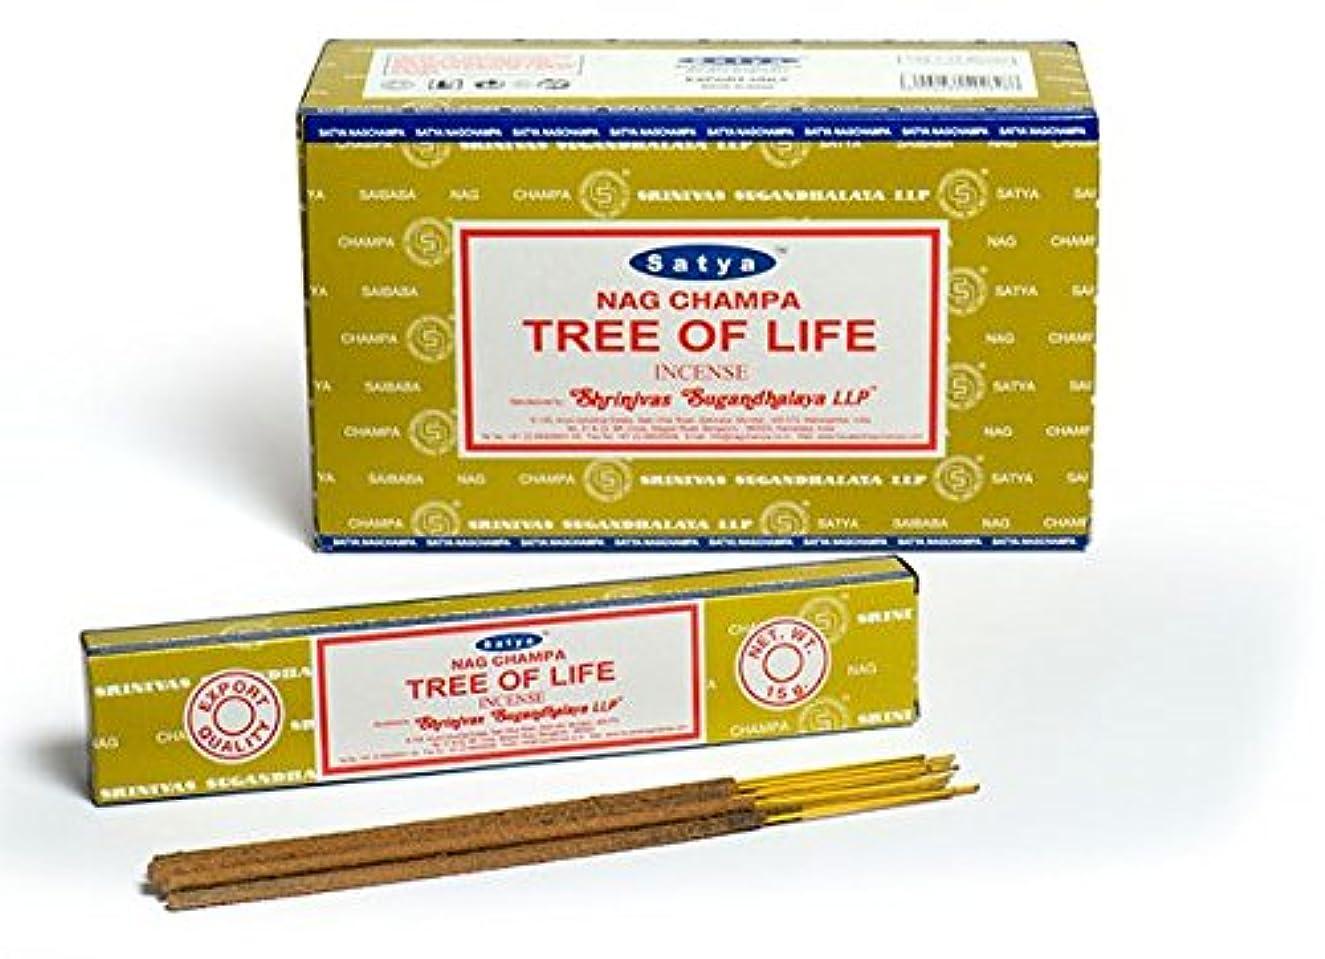 座標半径チョコレートSatya Nag Champa 生命の樹 お香スティック Agarbatti 180グラムボックス | 12パック 15グラム/箱入り | 輸出品質